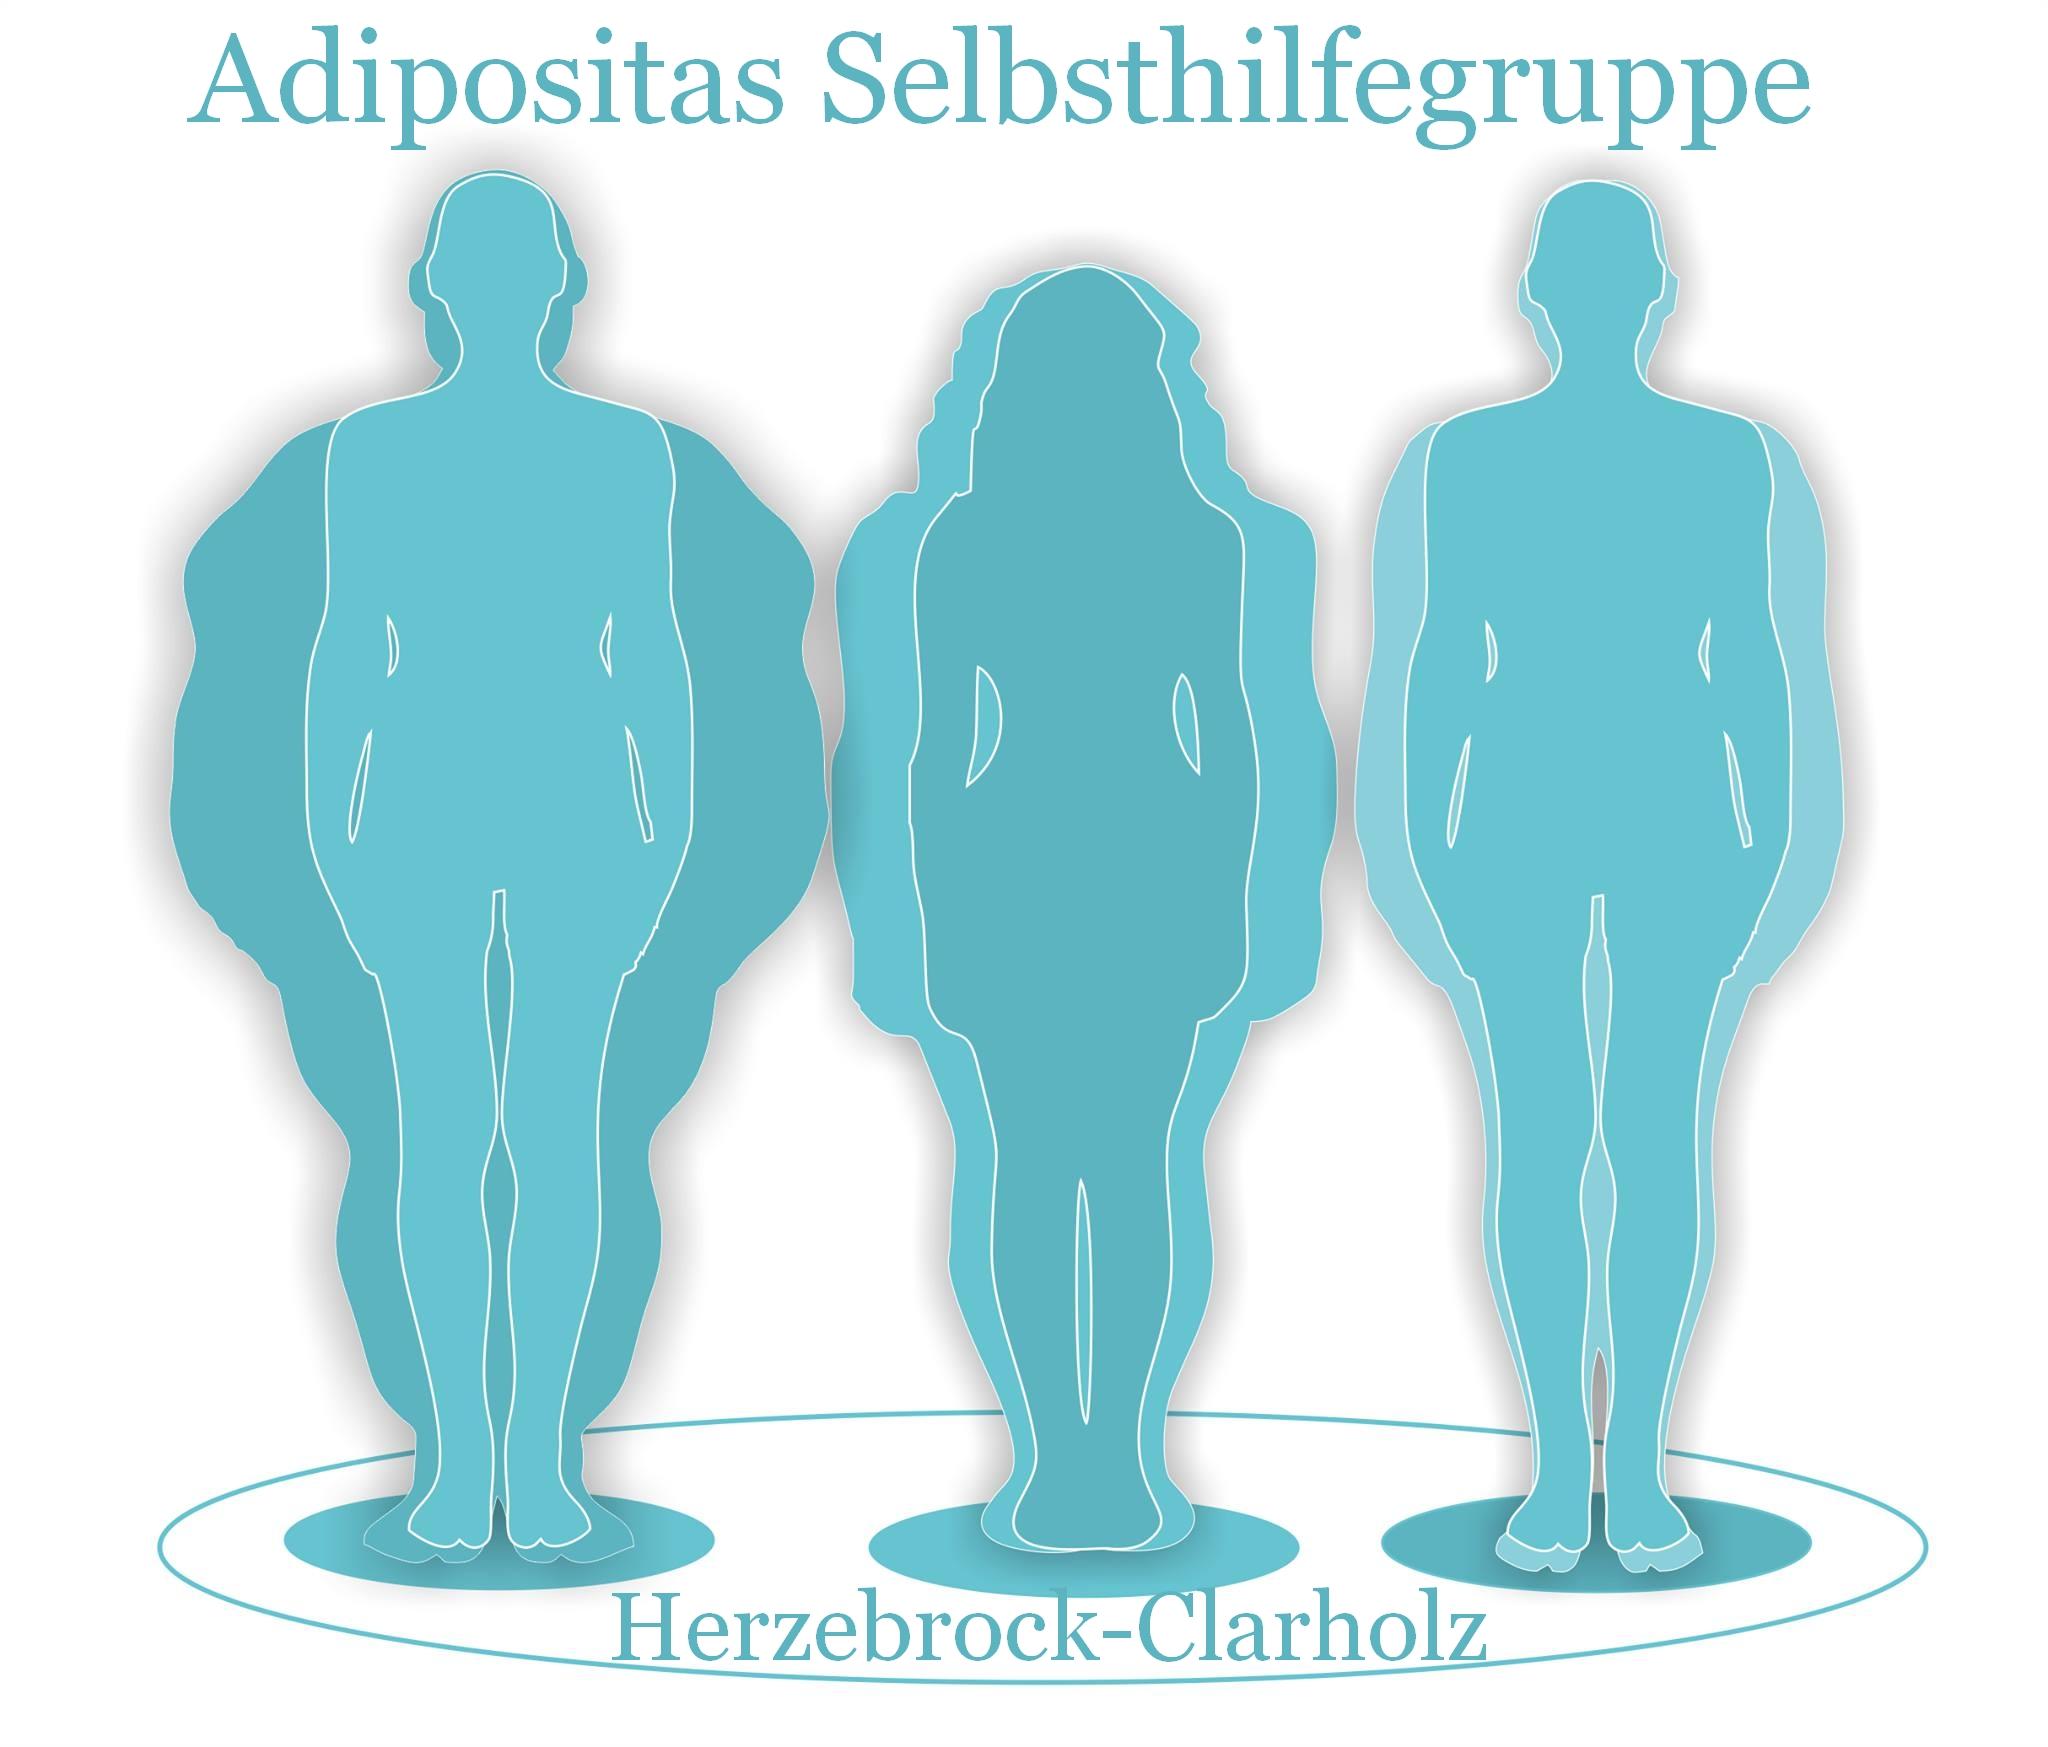 Adipositas Selbsthilfegruppe Herzebrock-Clarholz